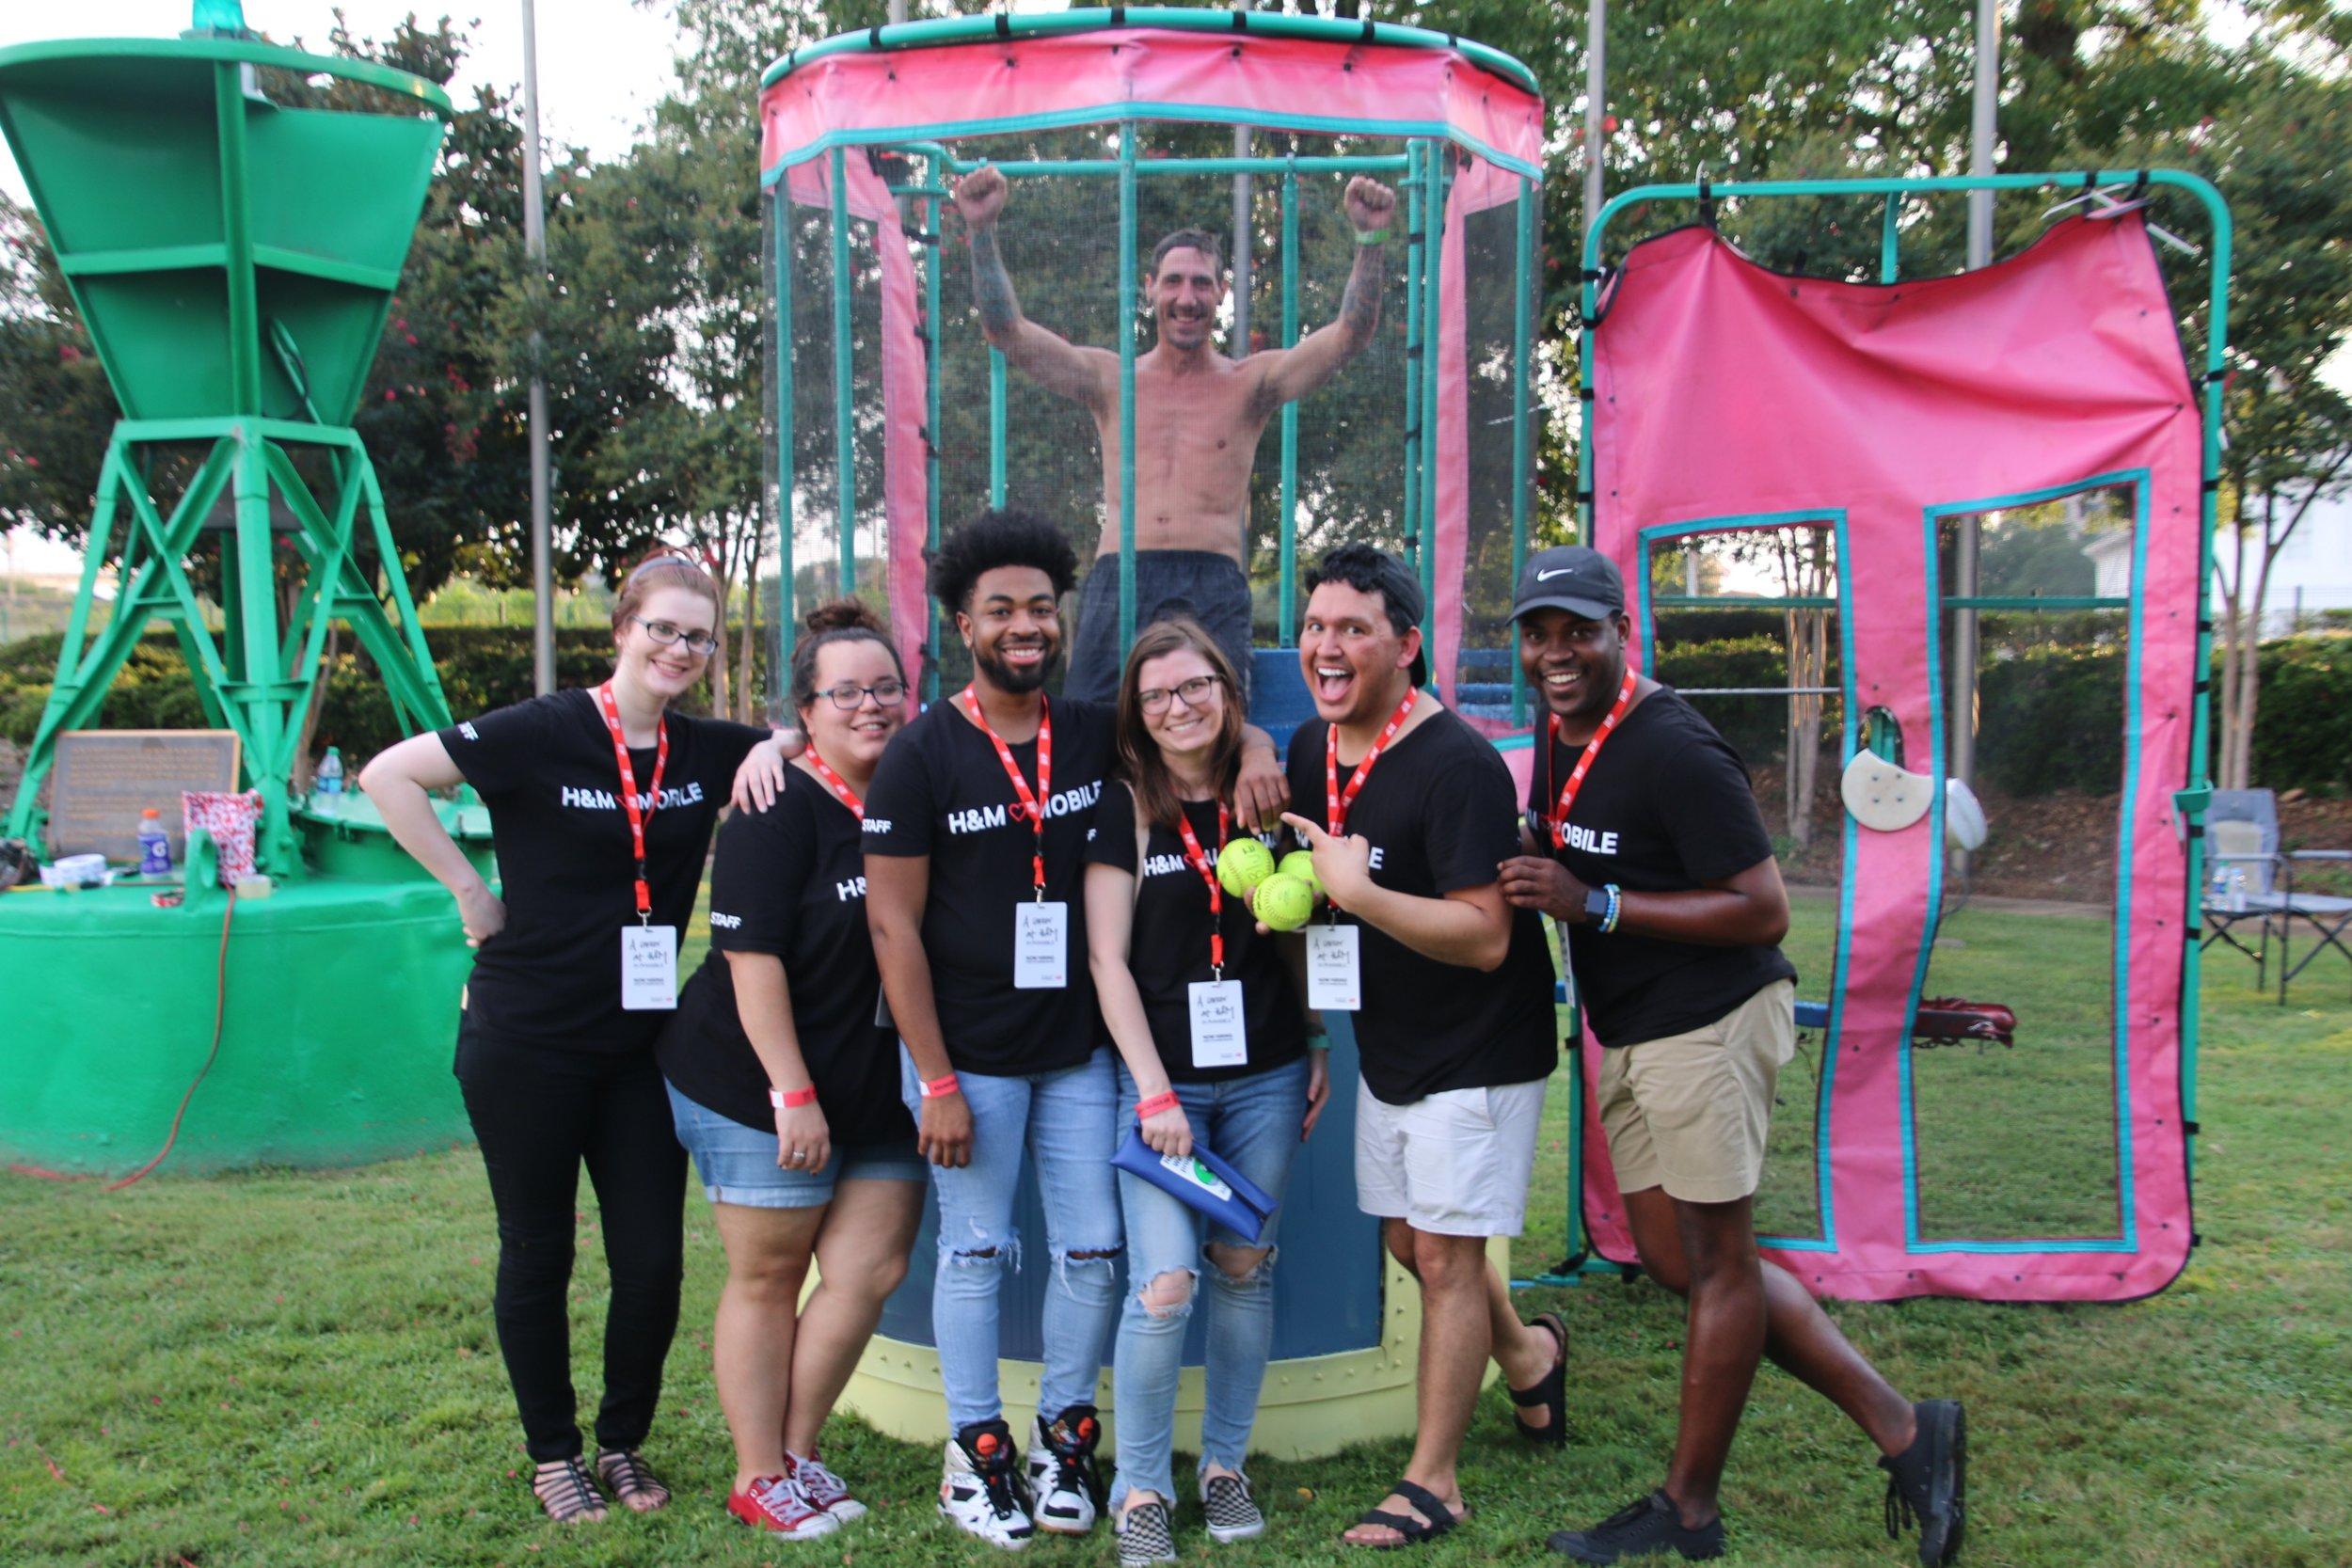 Dunk Booth Volunteers.jpg